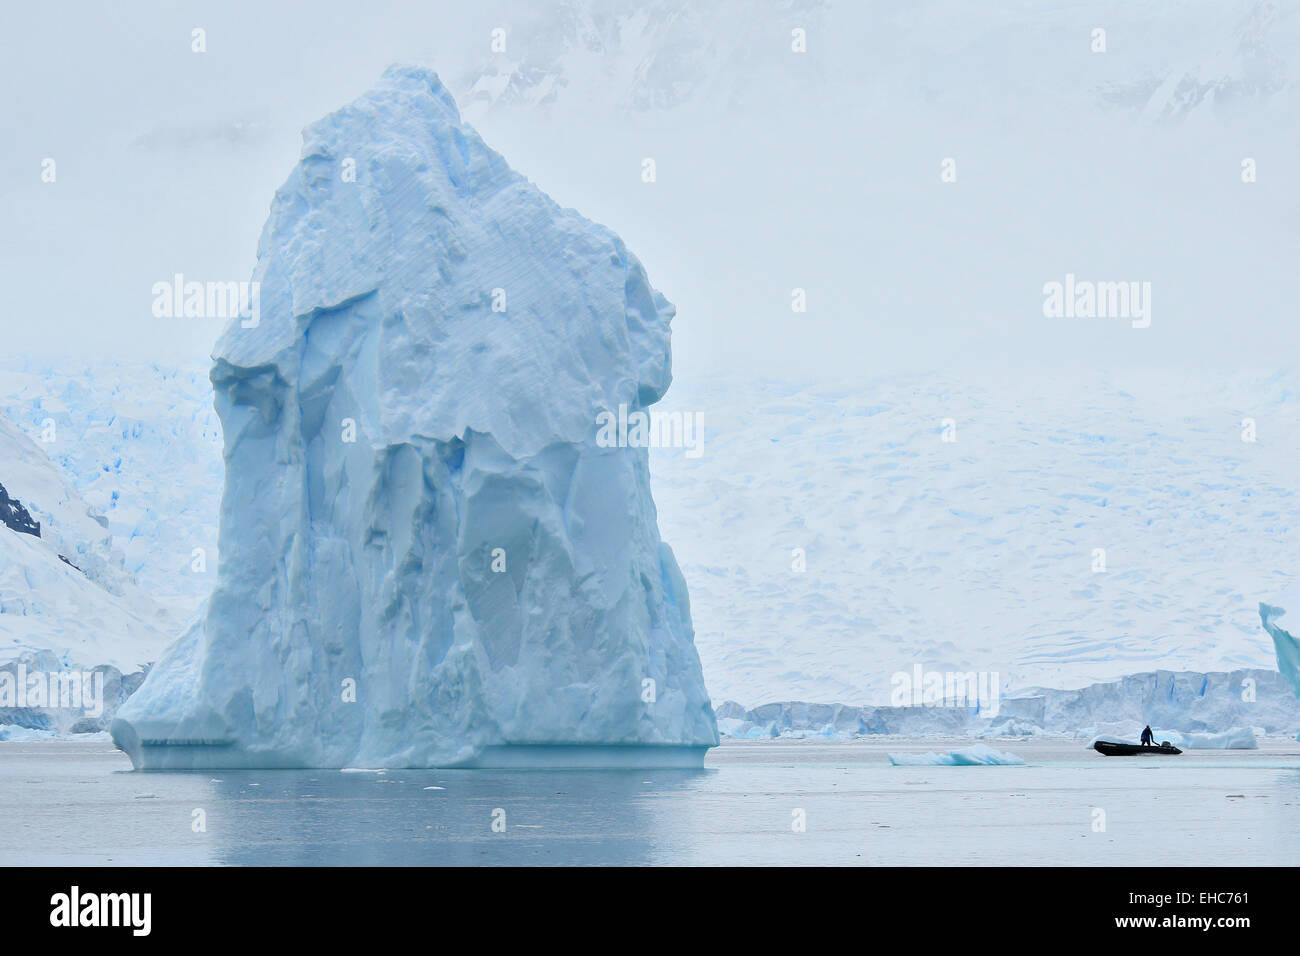 L'antarctique iceberg, ice berg, flotte dans l'Antarctique paysage de glace avec Zodiac pilote. Photo Stock